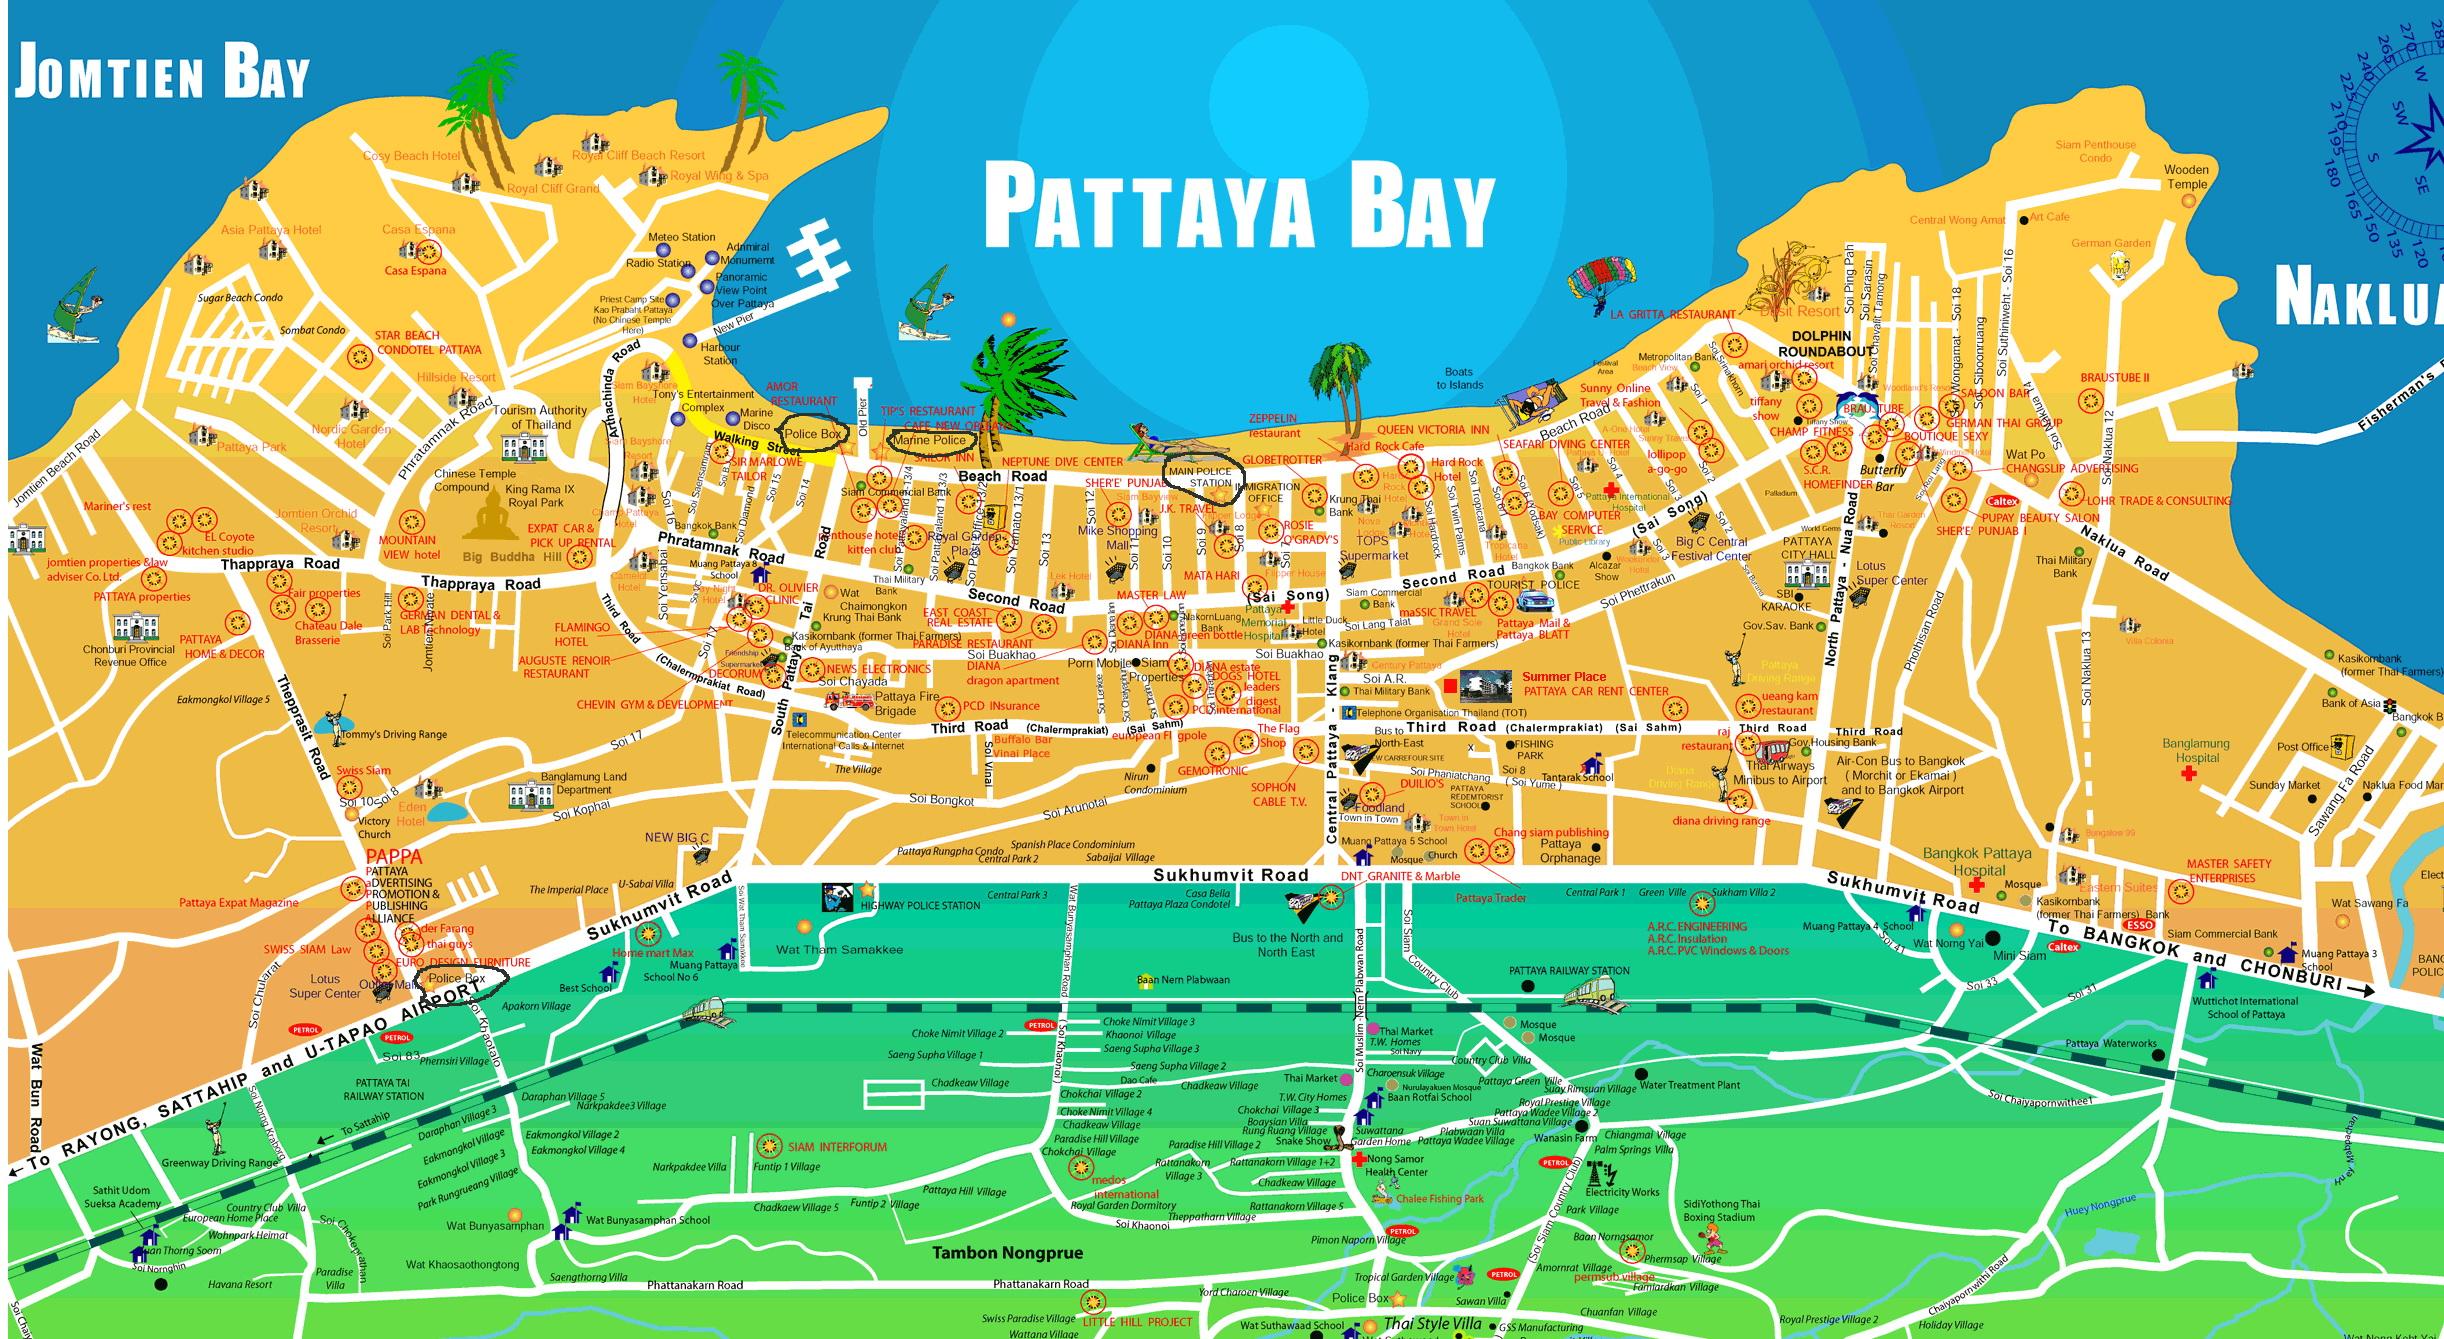 Особенности национального отдыха в Паттайе. Карта Паттайи